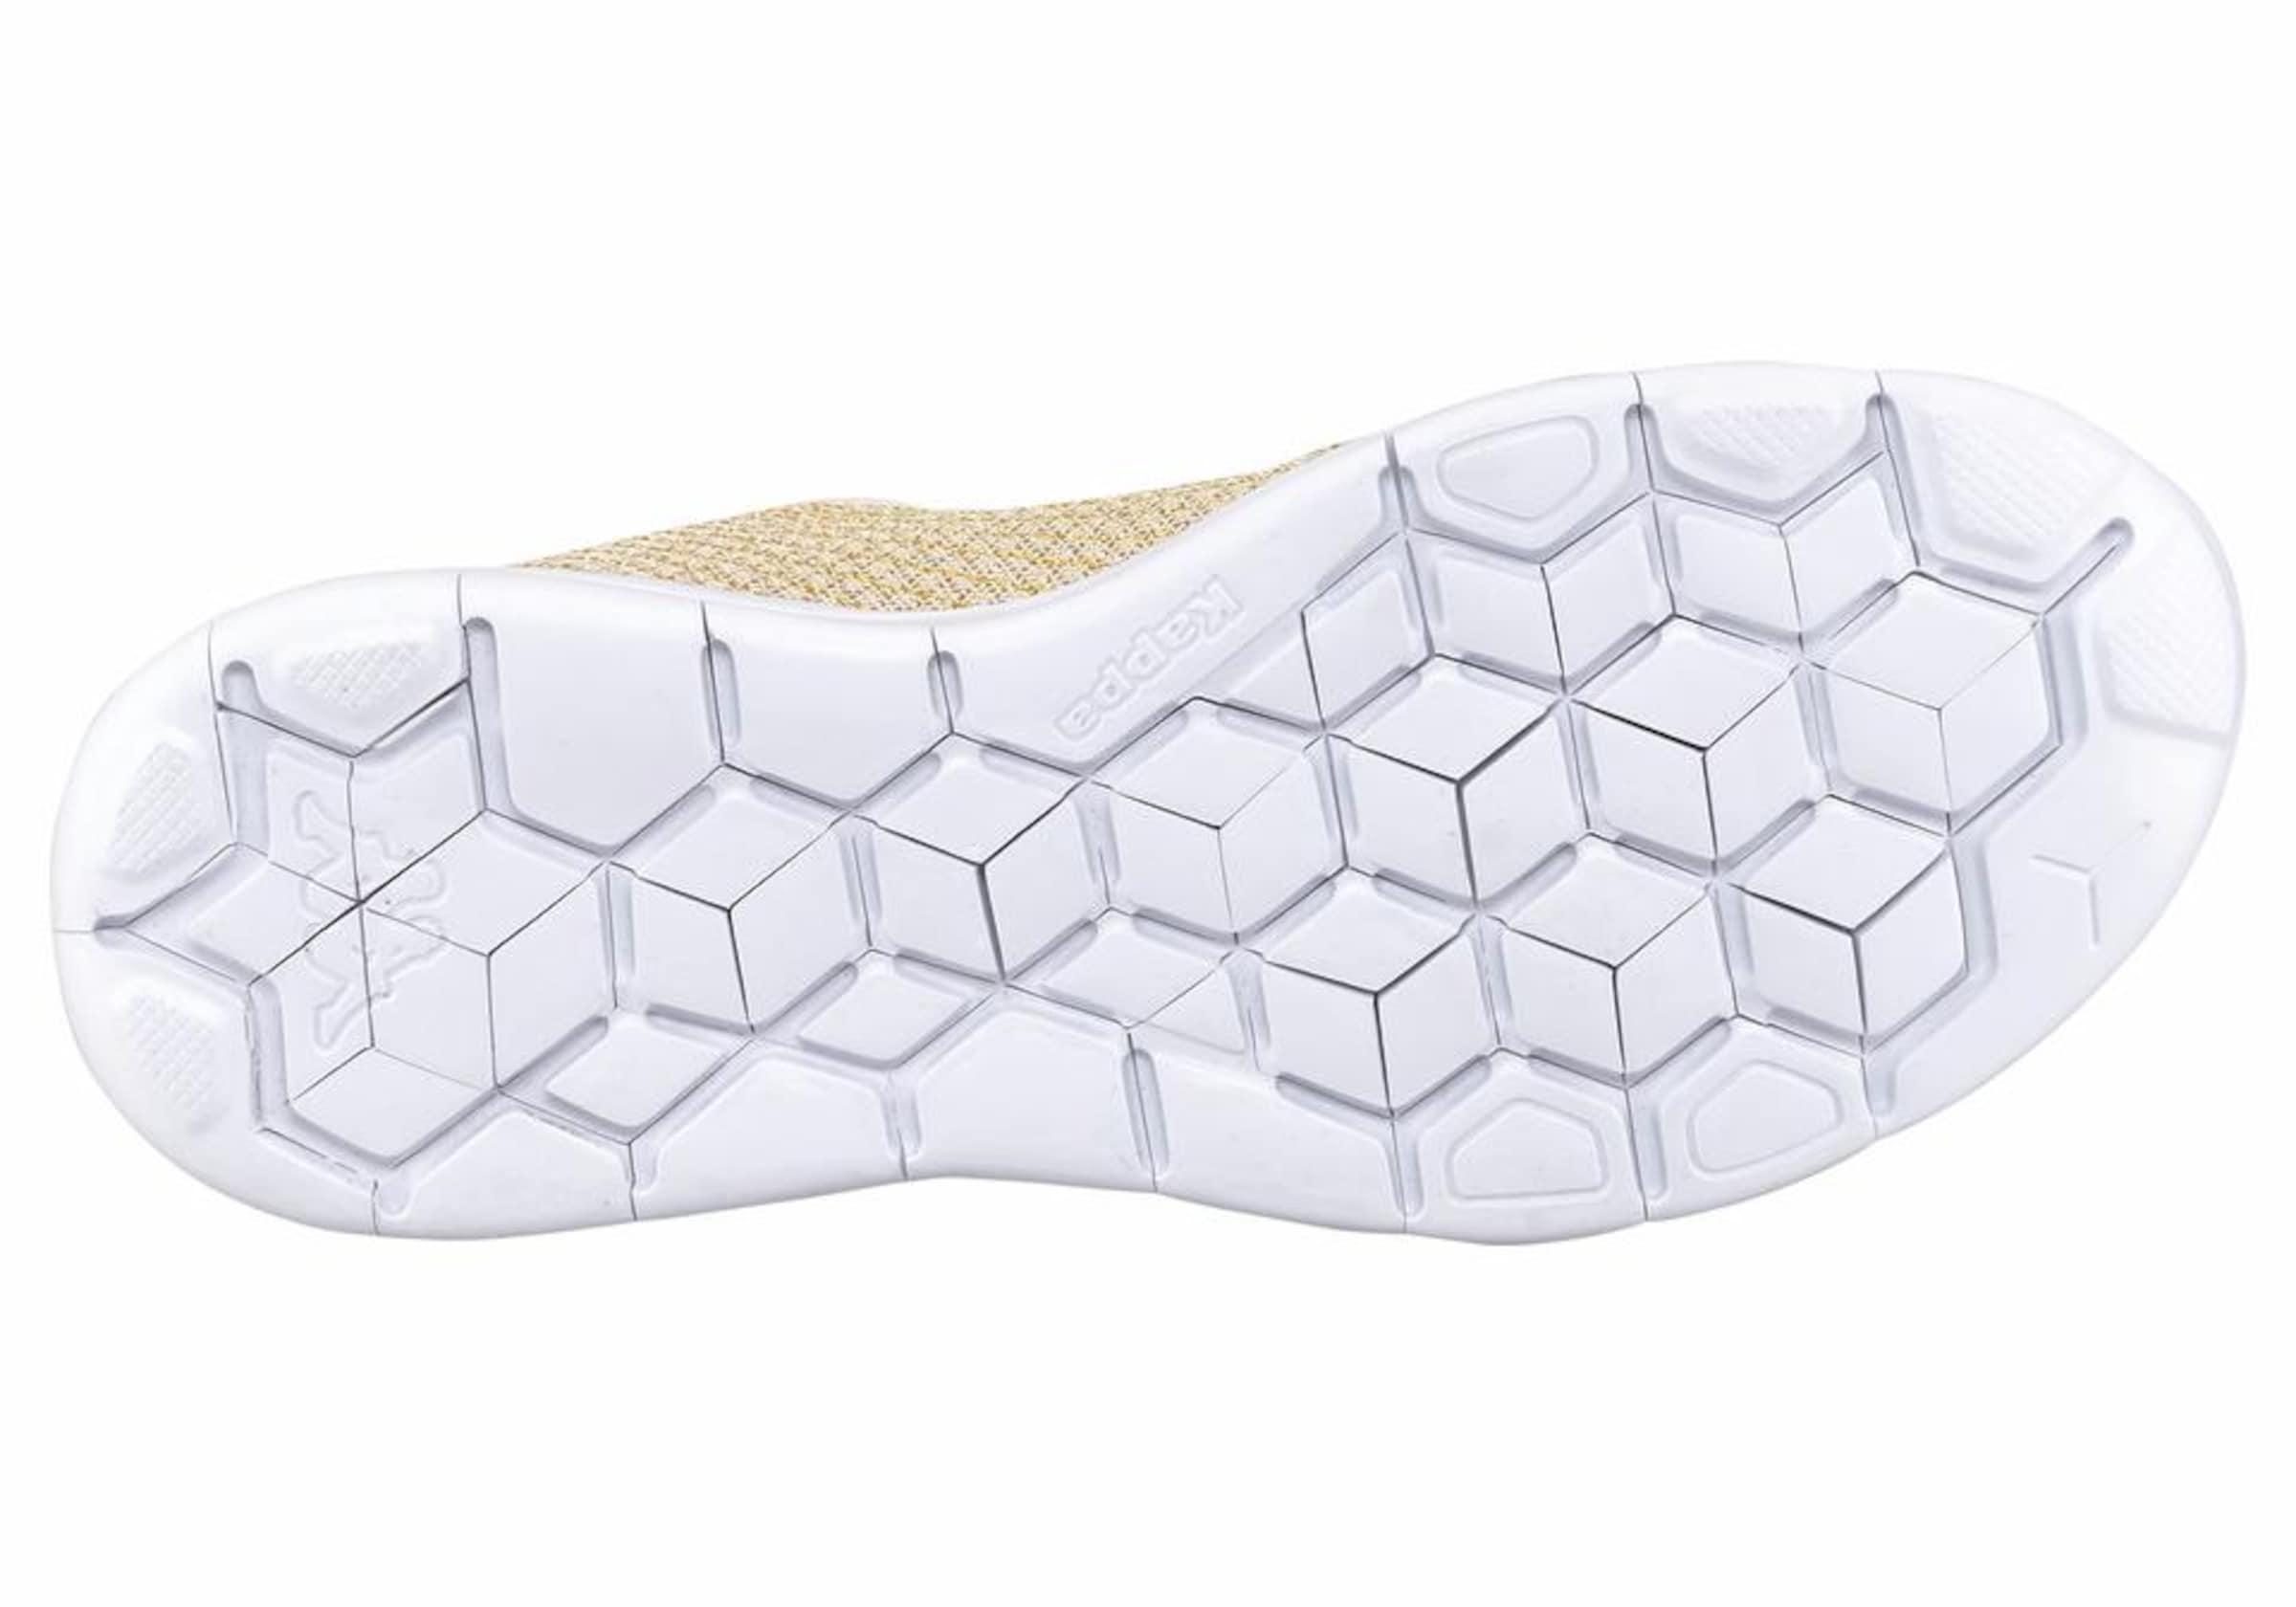 Großer Rabatt Billig Verkaufen Brandneue Unisex KAPPA Sneaker »Loop W« Freies Verschiffen Niedrigsten Preis Angebote Online-Verkauf Kosten Günstig Online qnQQTE